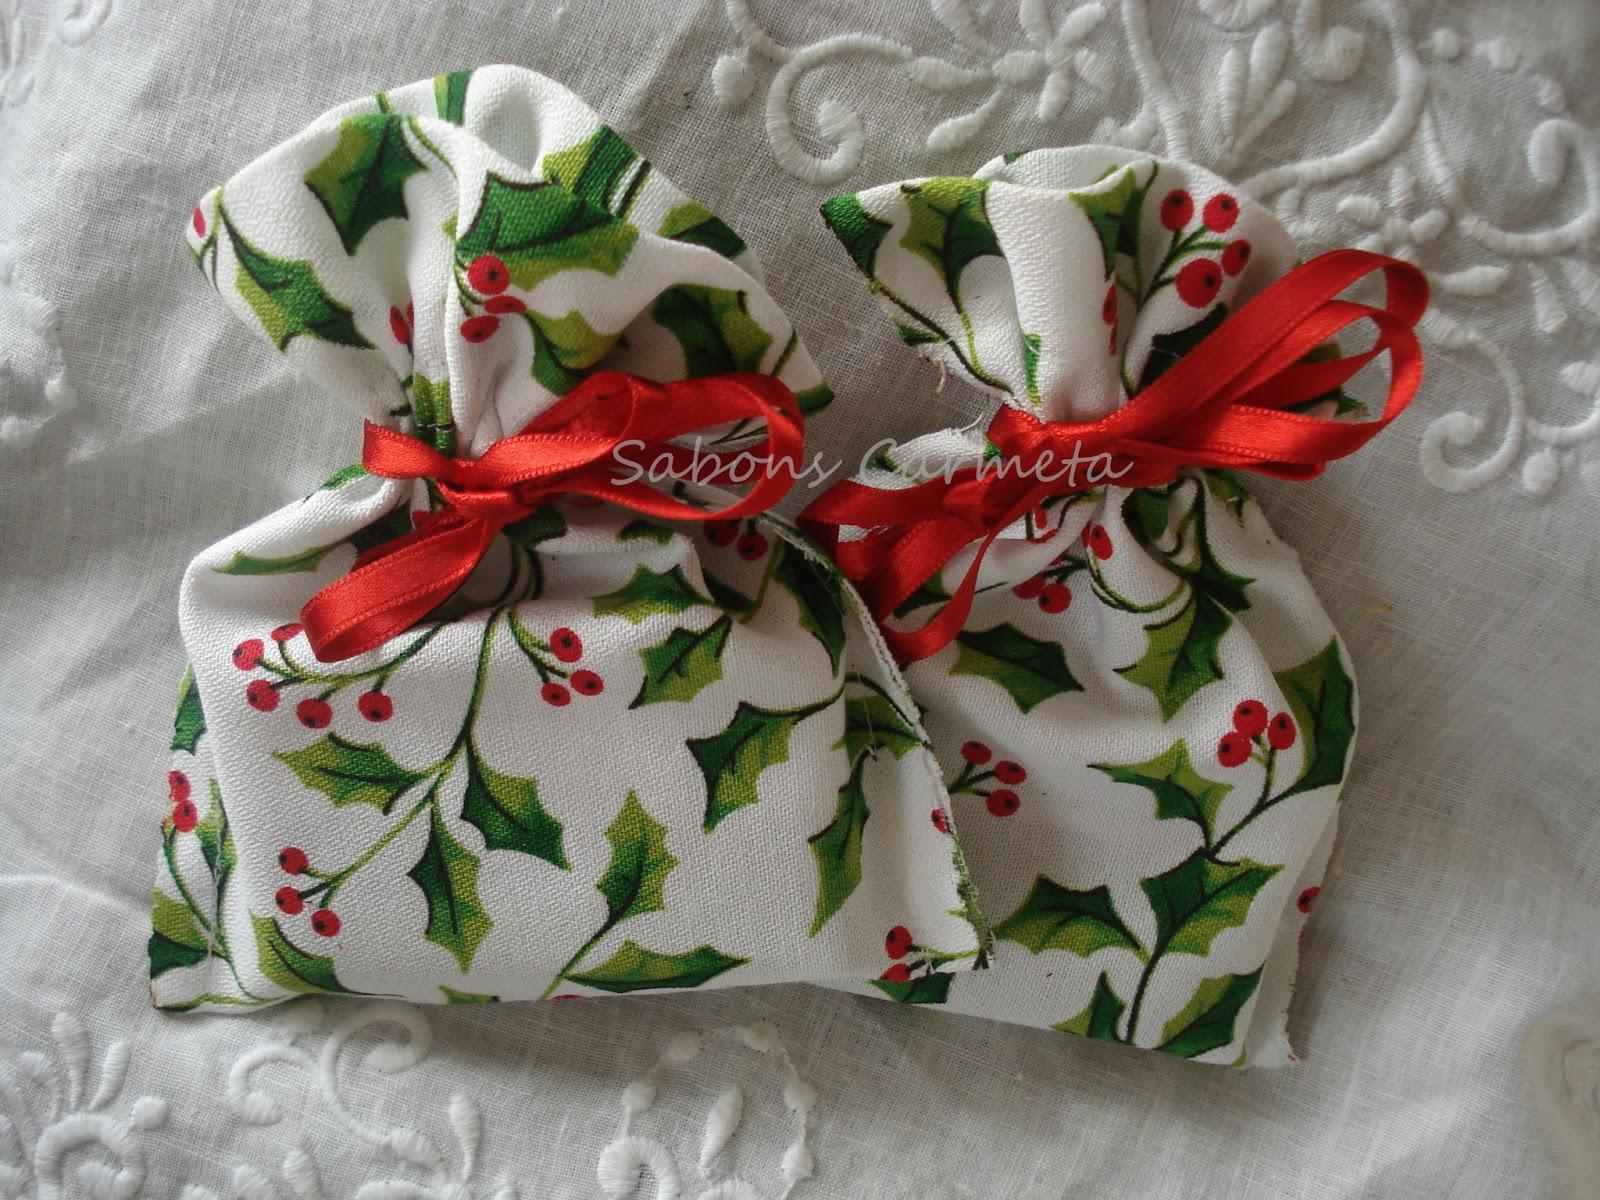 bolsitas hechas a mano de tela navidea con un jabn listas para regalar